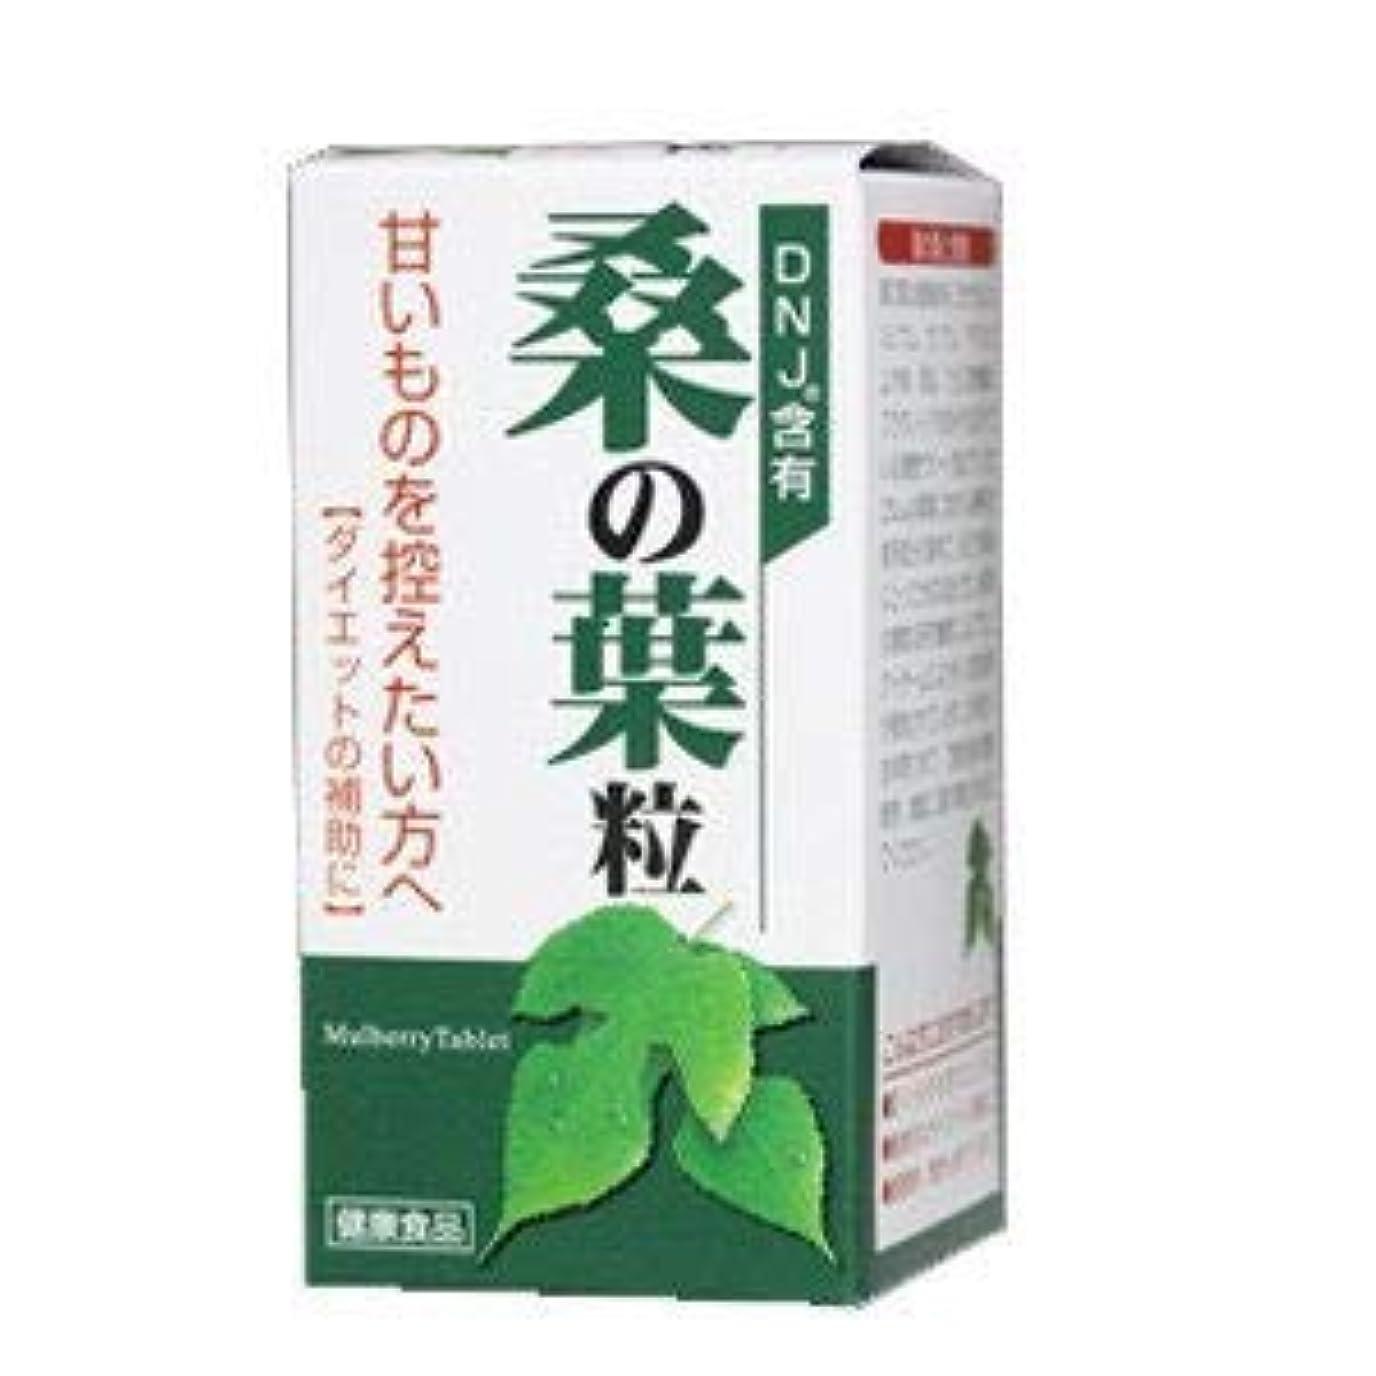 ひいきにする最適最愛の桑の葉粒 270粒 3個 大草薬品